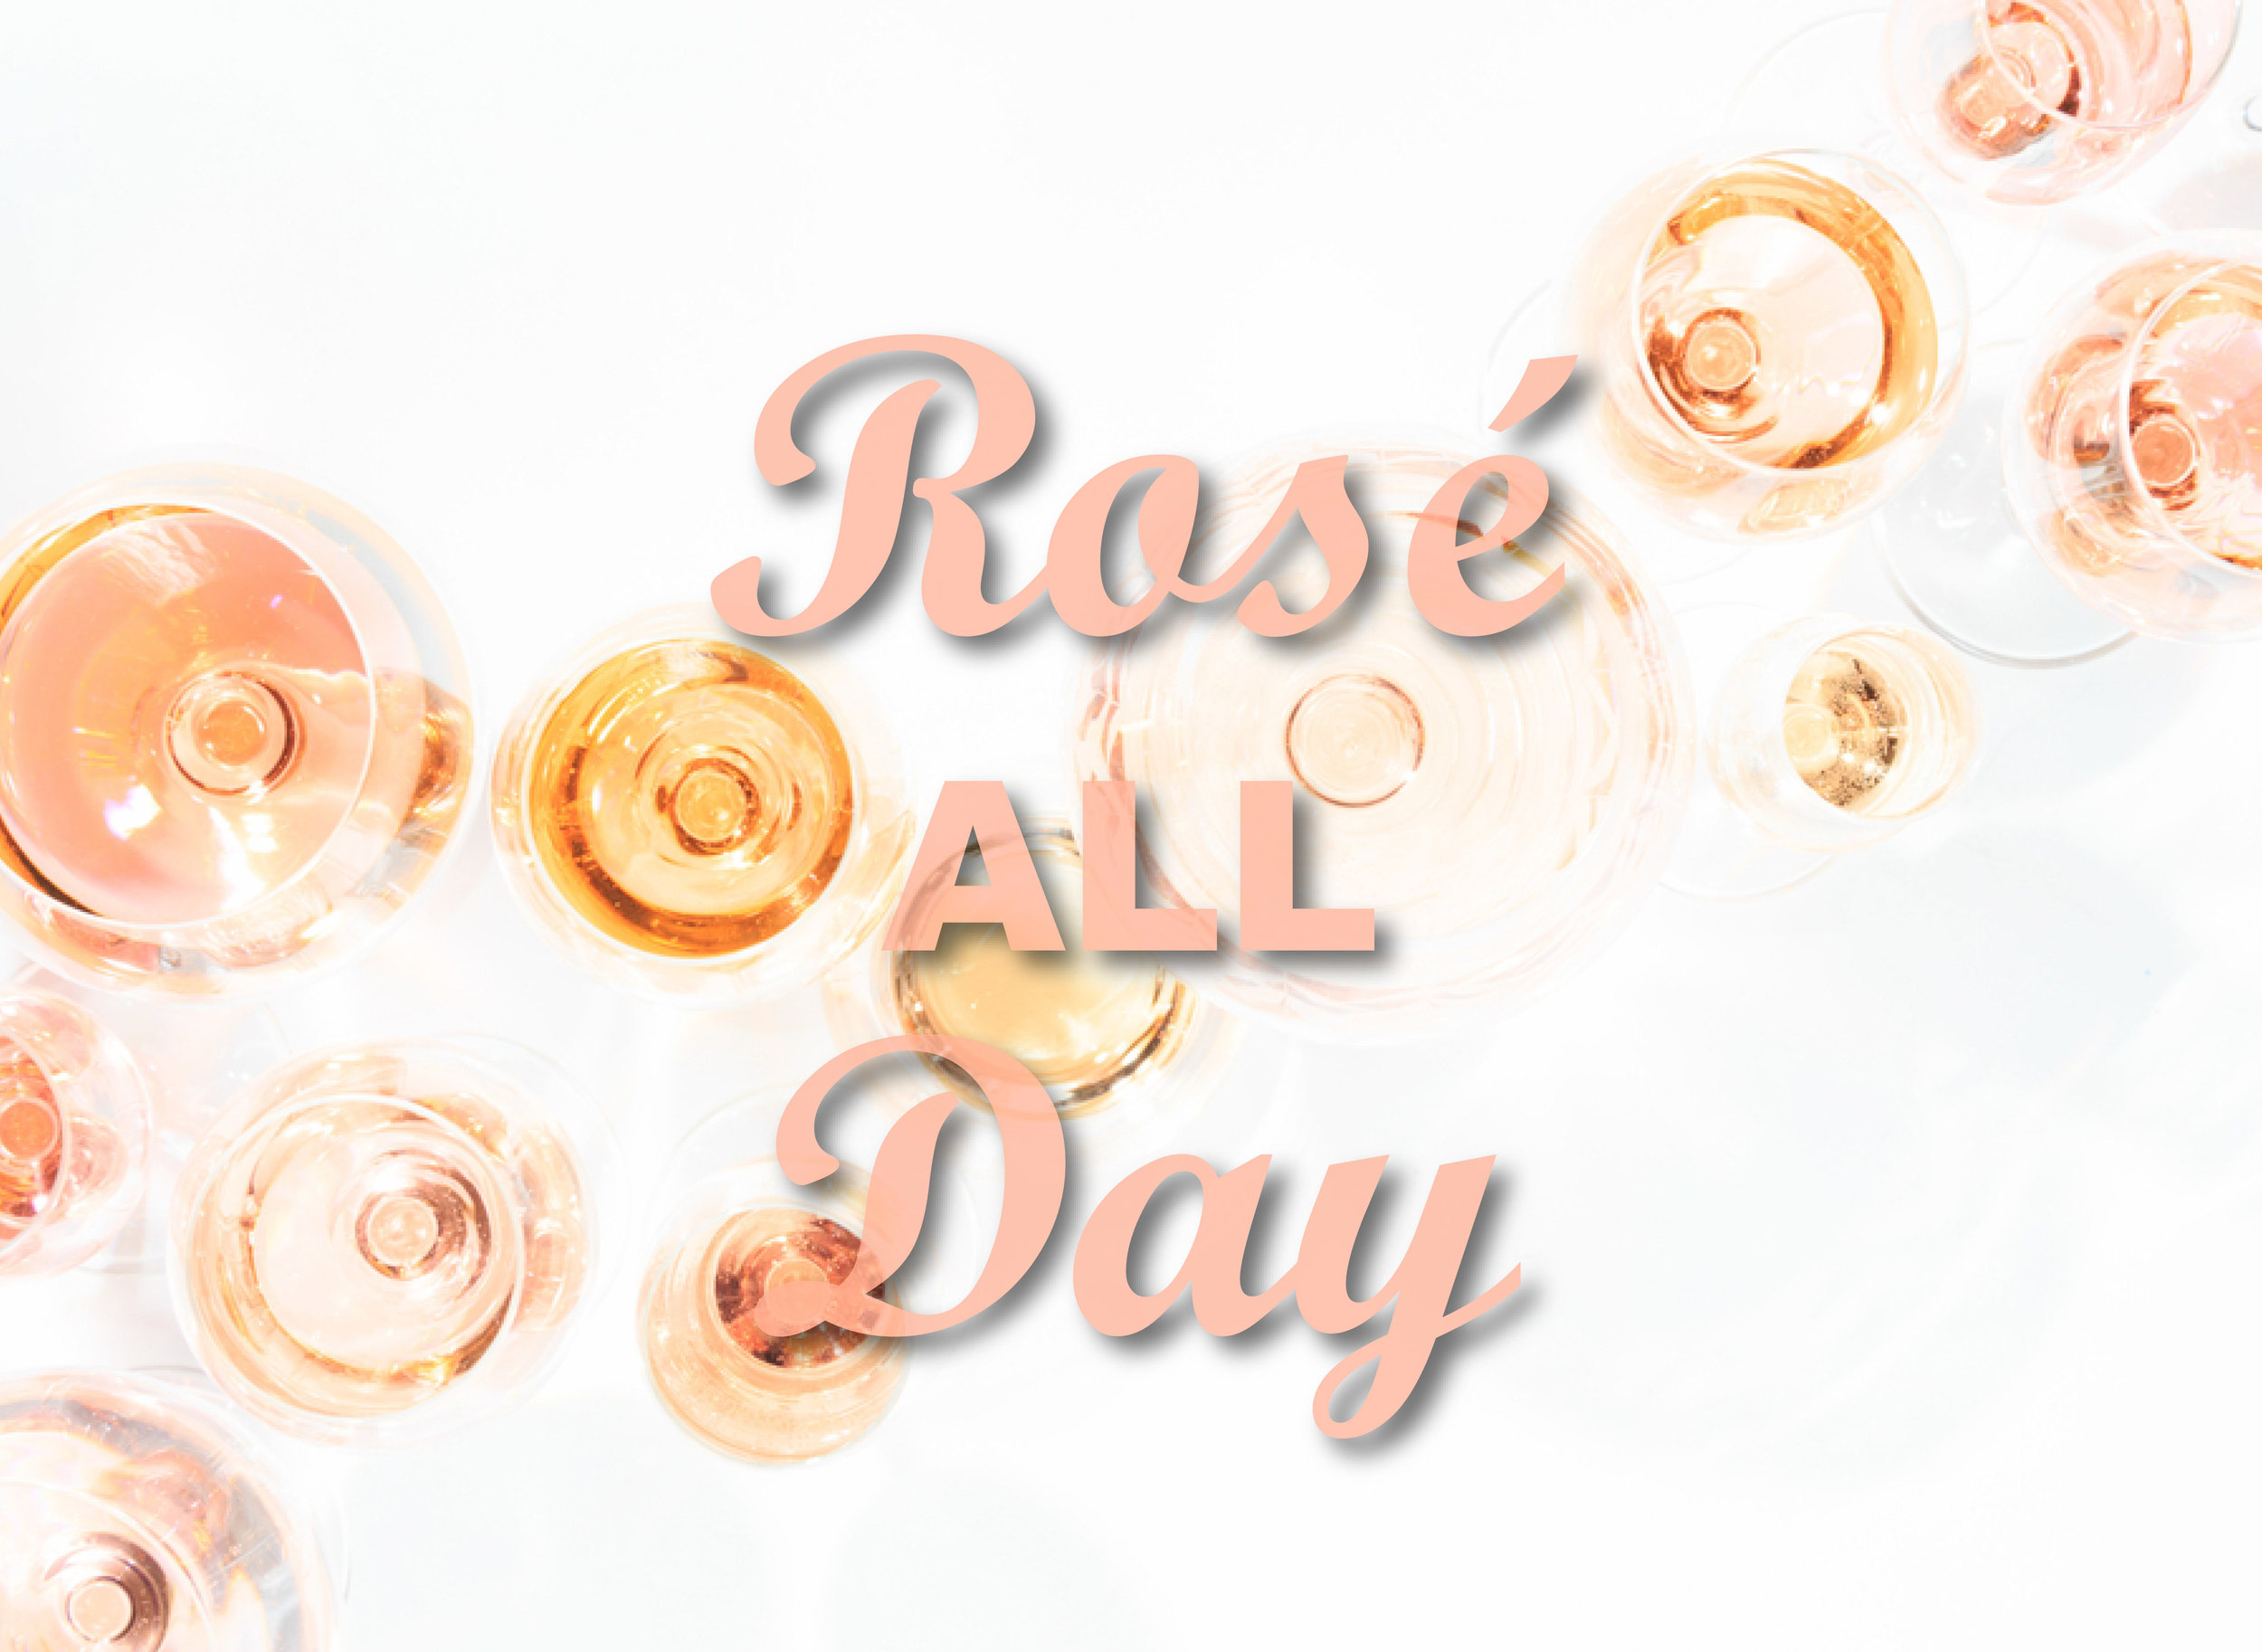 rose all day image.jpg